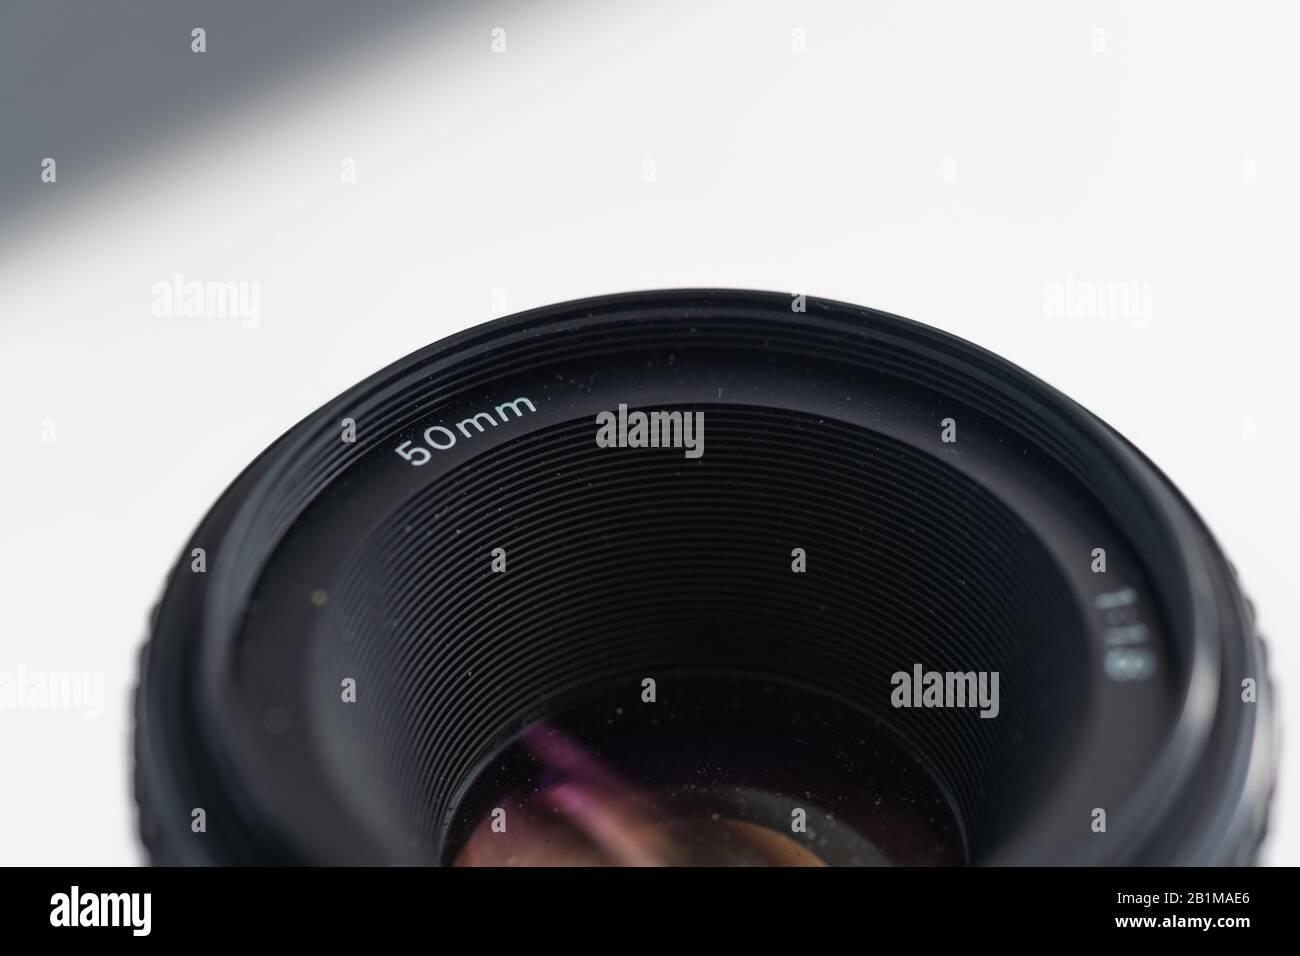 Imágenes detalladas de dos distancias focales antiguas para cámaras SLR digitales Foto de stock